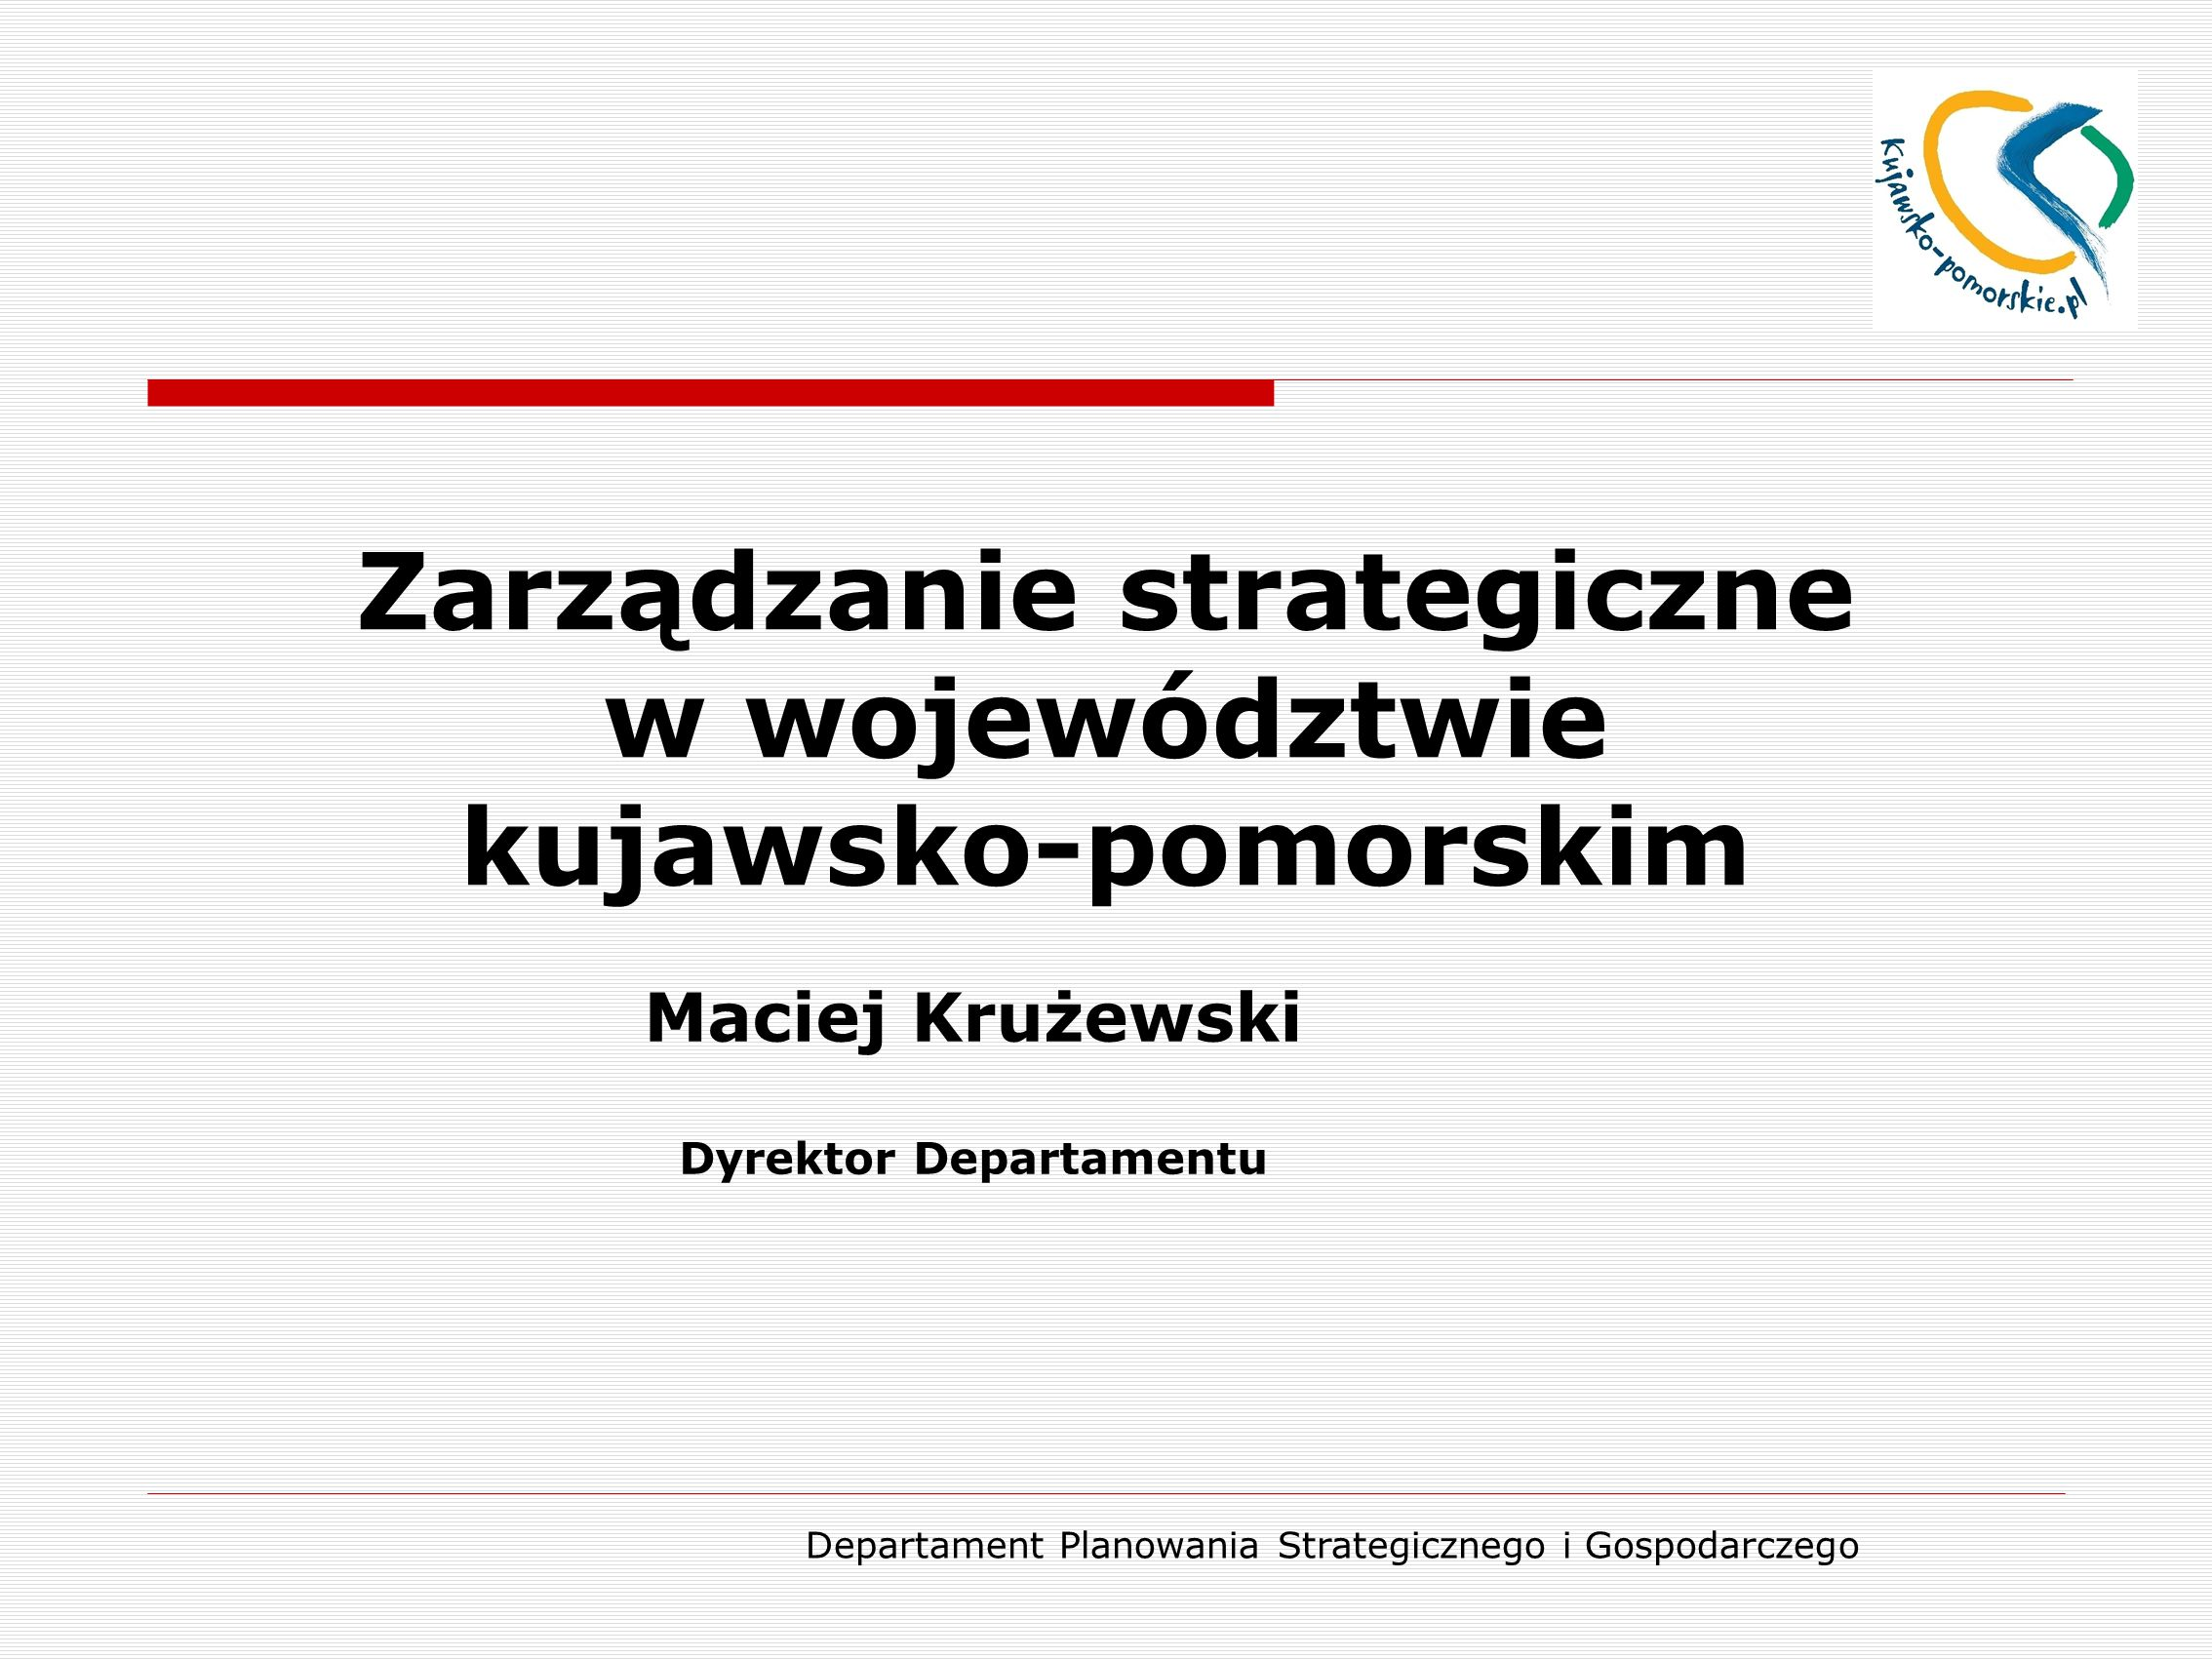 Zarządzanie strategiczne w województwie kujawsko-pomorskim